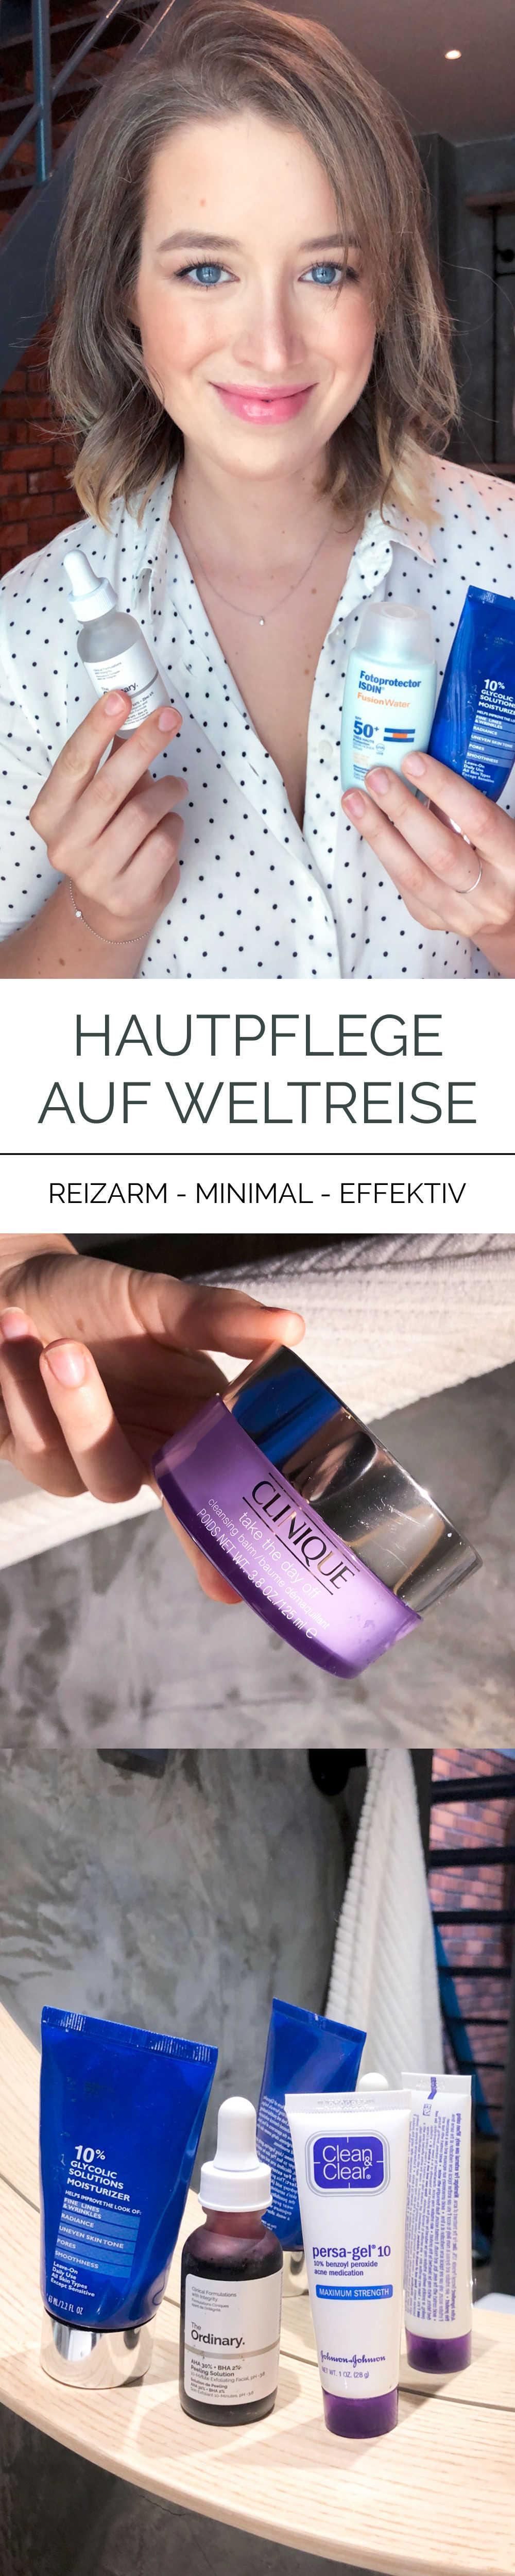 Hautpflege auf Weltreise Pinterest